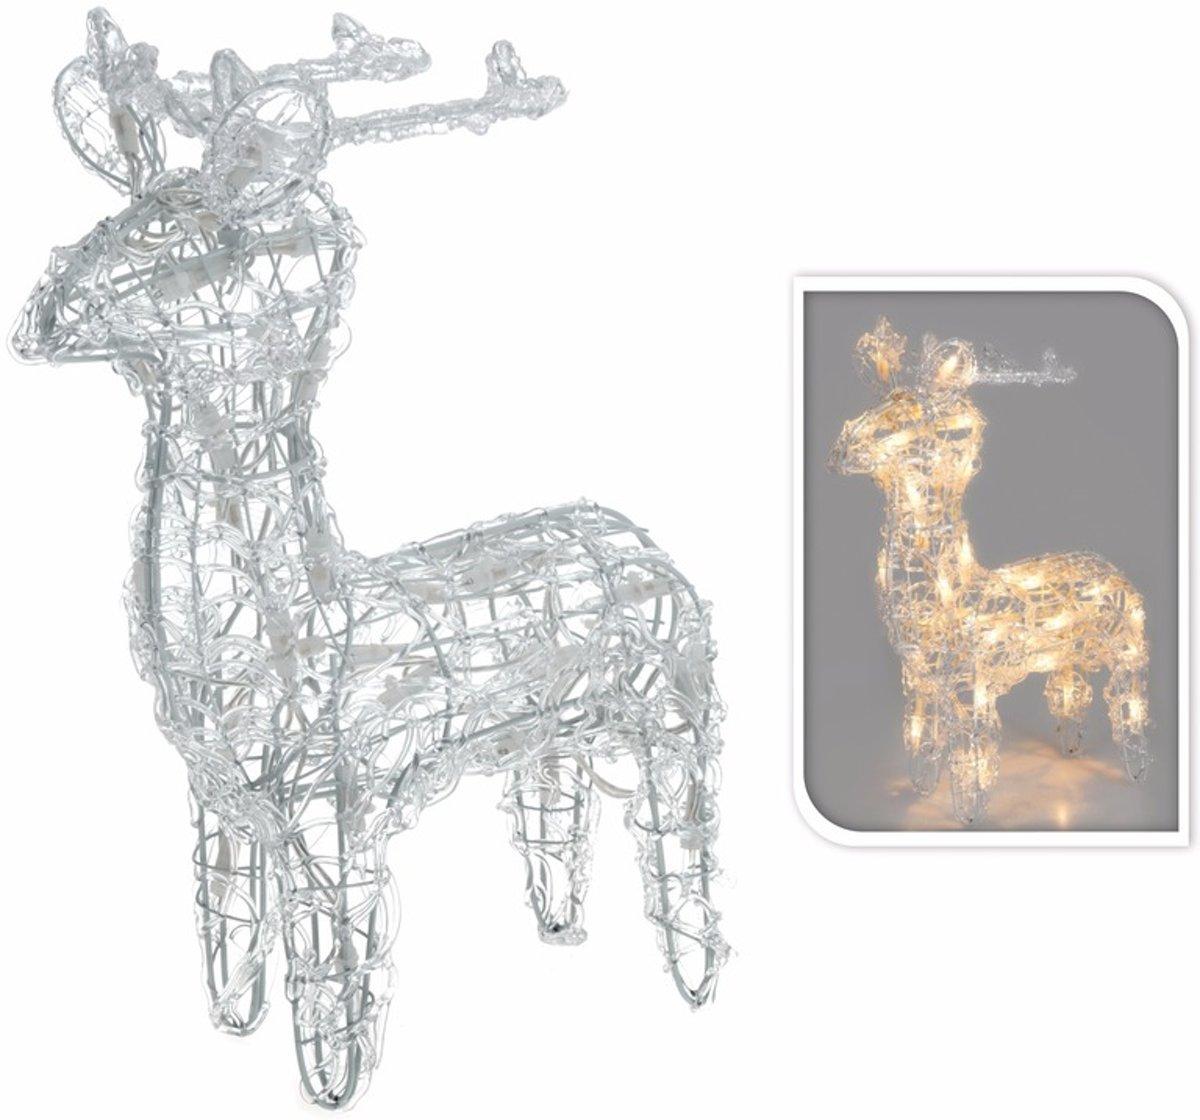 bol.com | Kerstverlichting rendier / hert op LED lampjes 45 cm